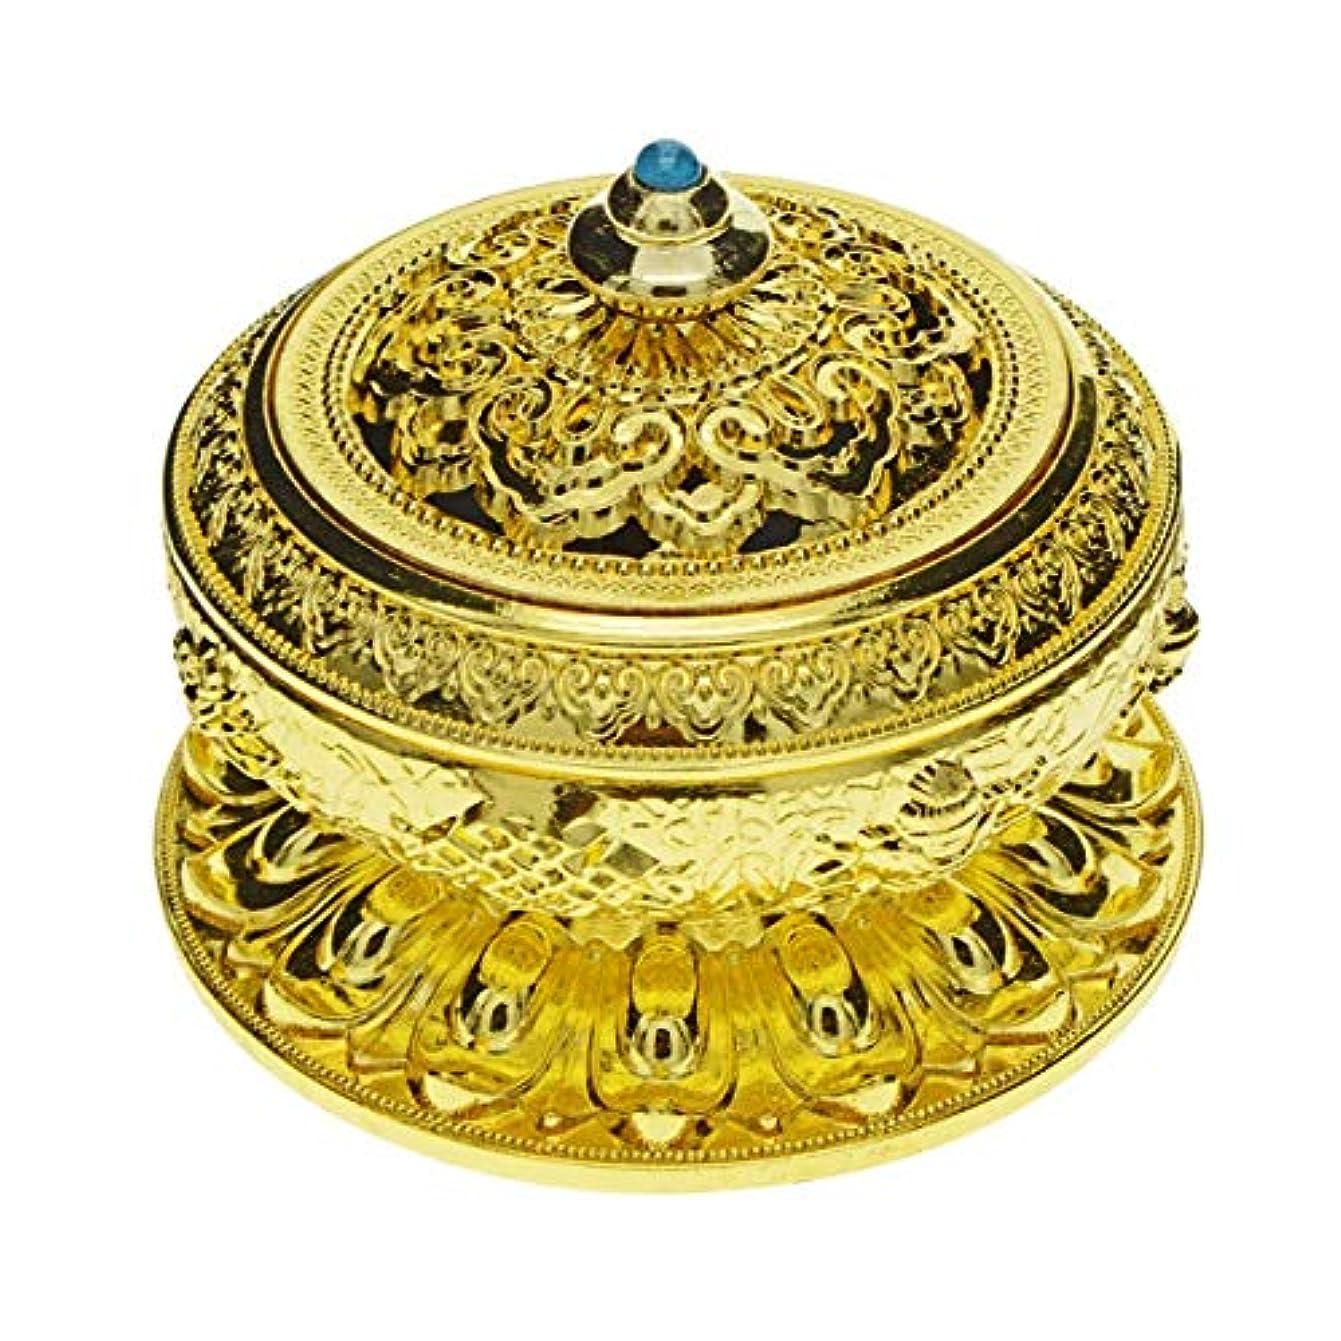 サーフィン怠バックアップSaim Chineseクラシックスタイル香炉合金メタルBuddha Incense Holder Candle Censer – Buddhist装飾、ホームデコレーション S ゴールド G1HXJJ08952